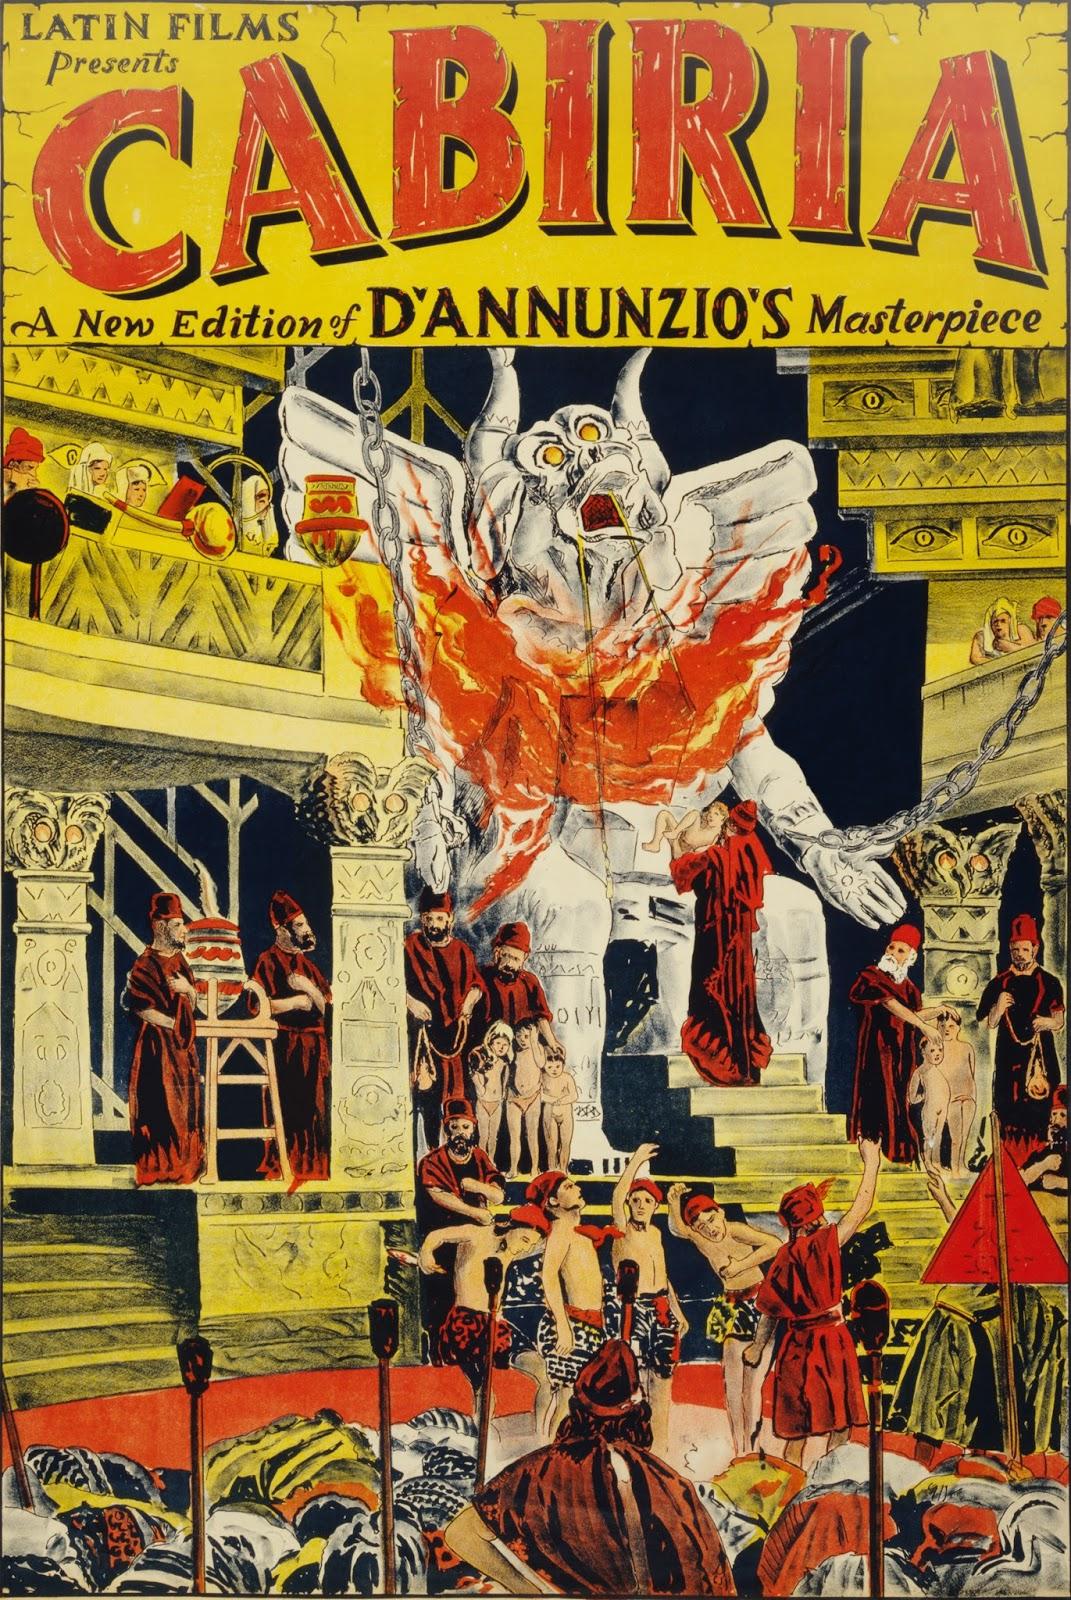 Ver película : Cabiria,1914 - Giovanni Pastrone